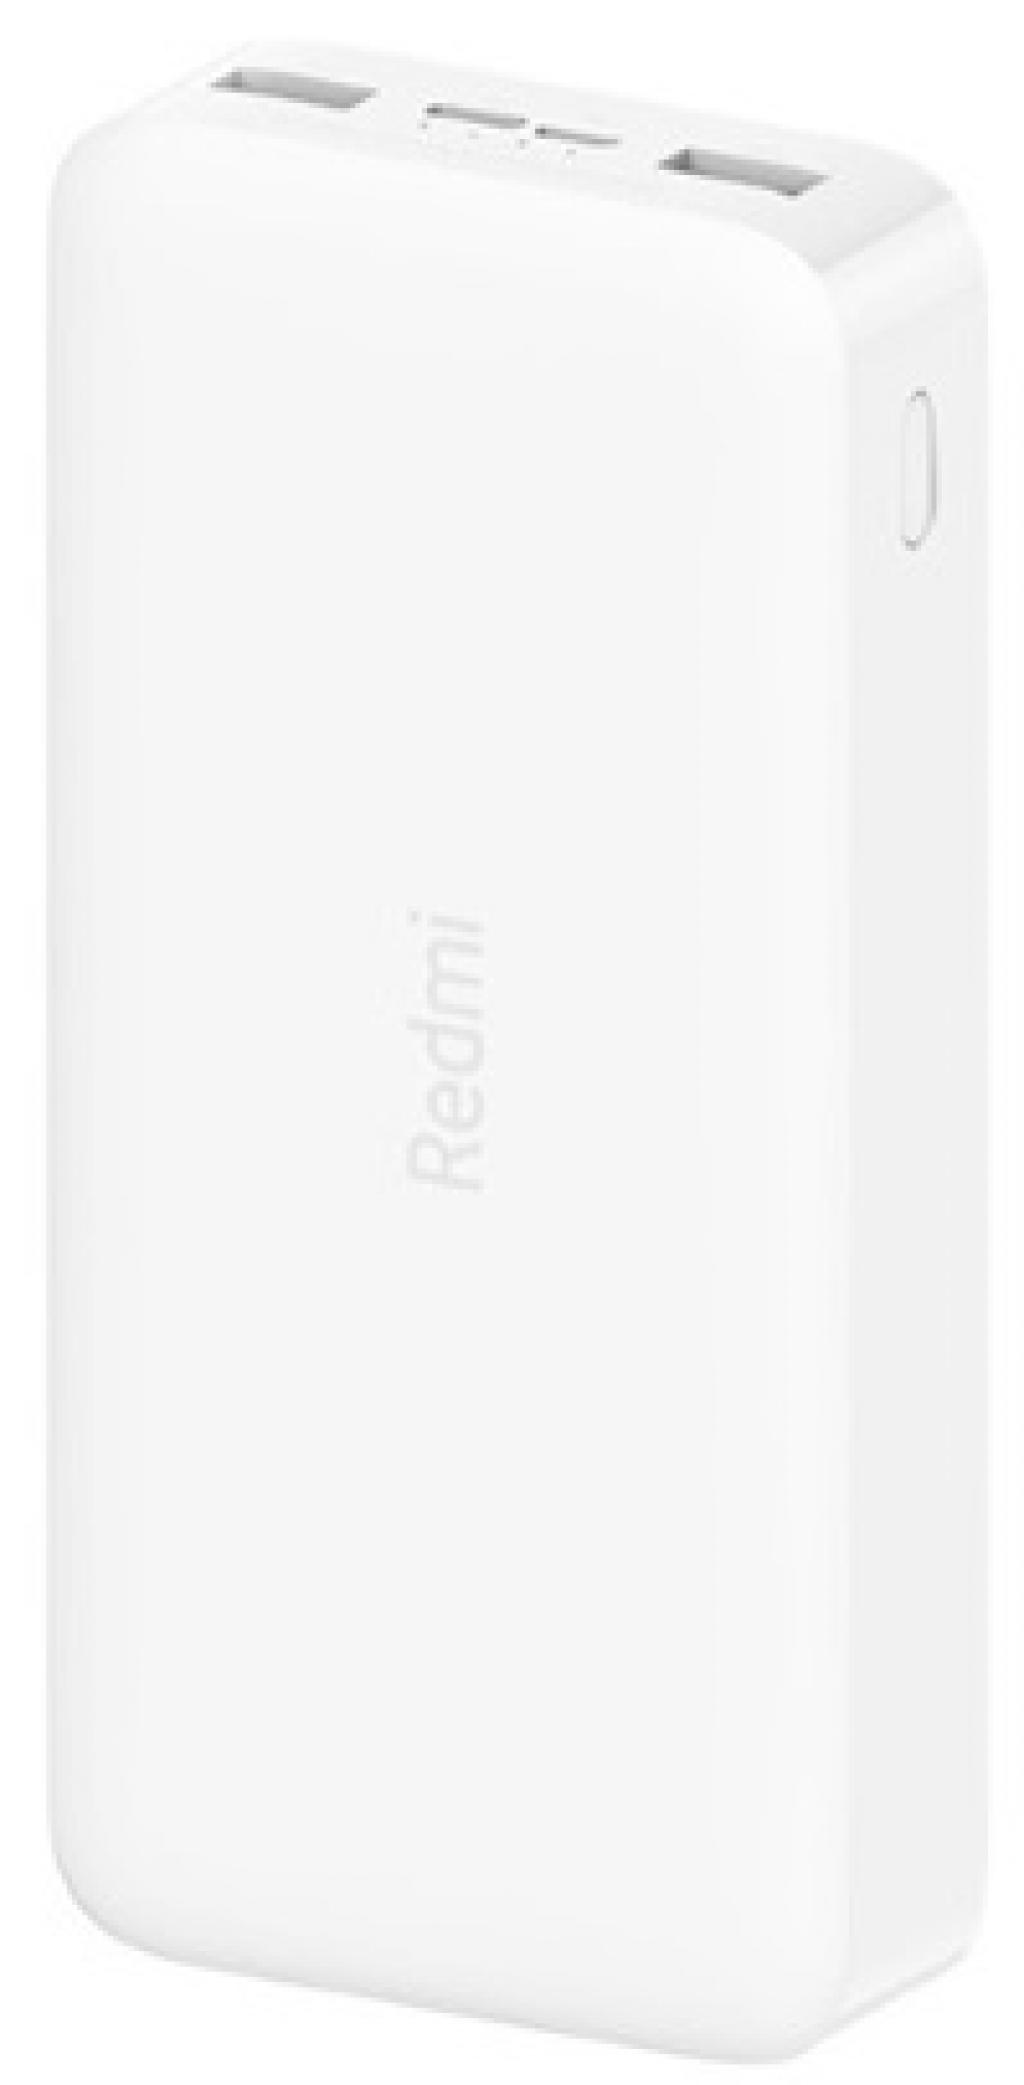 Външна батерия Xiaomi Redmi Power Bank 20 000 mAh 18W Fast Charger White